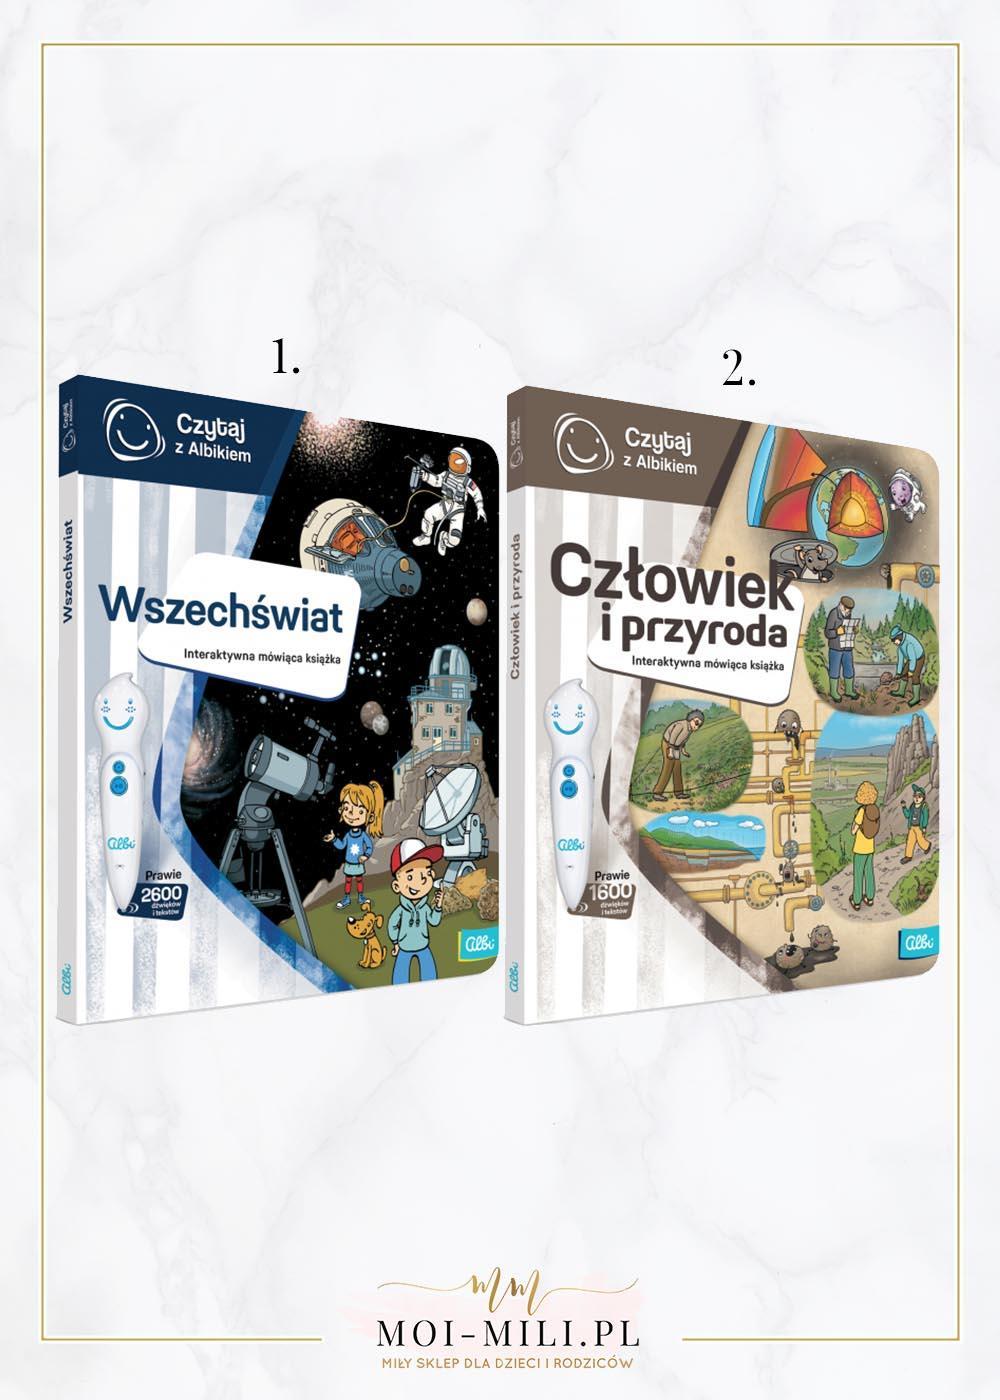 Nowe, interaktywne książki, które współpracują z piórem Albik.